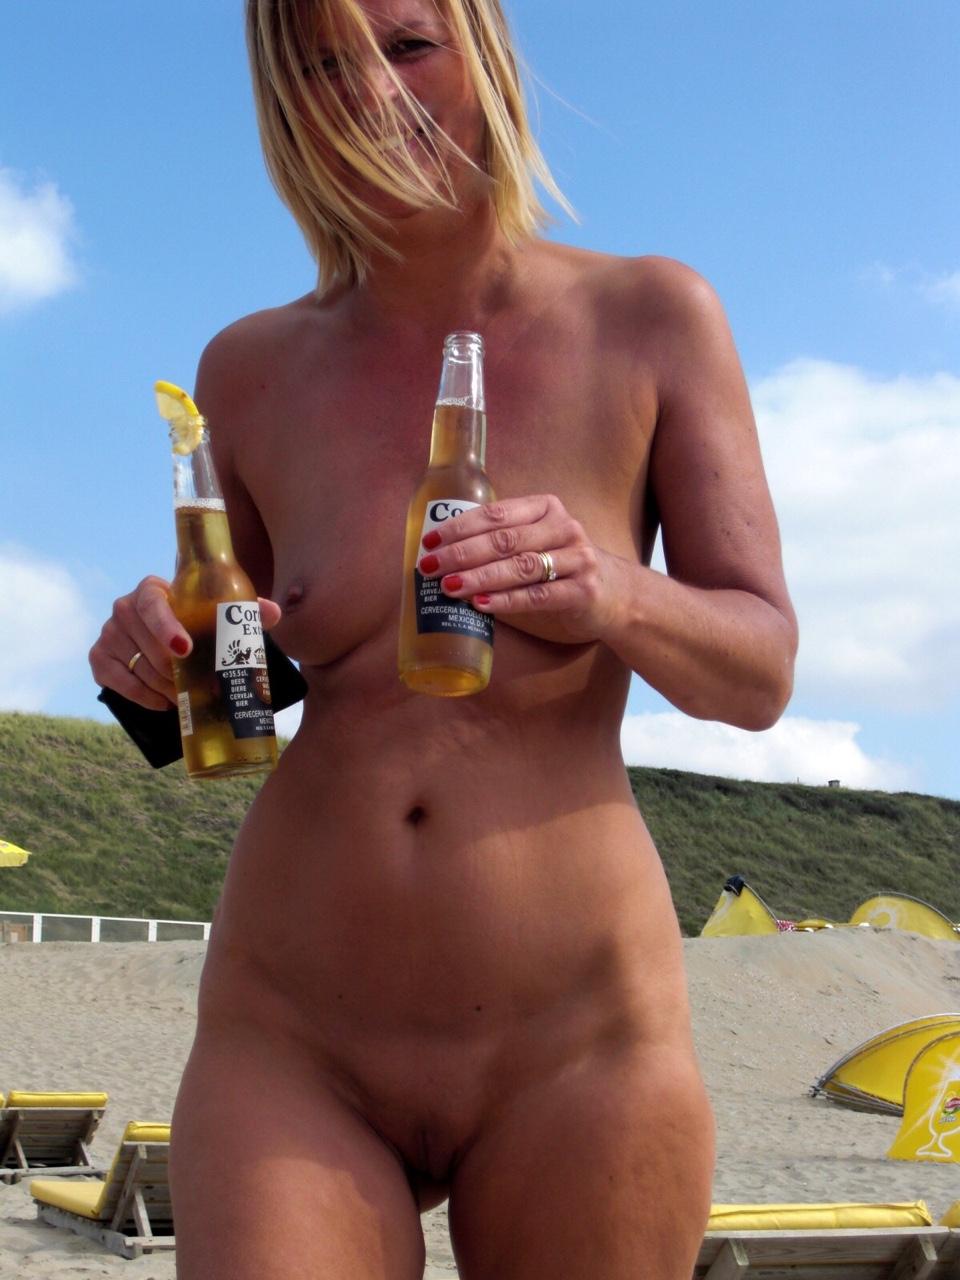 maman nue en photo sexe  082